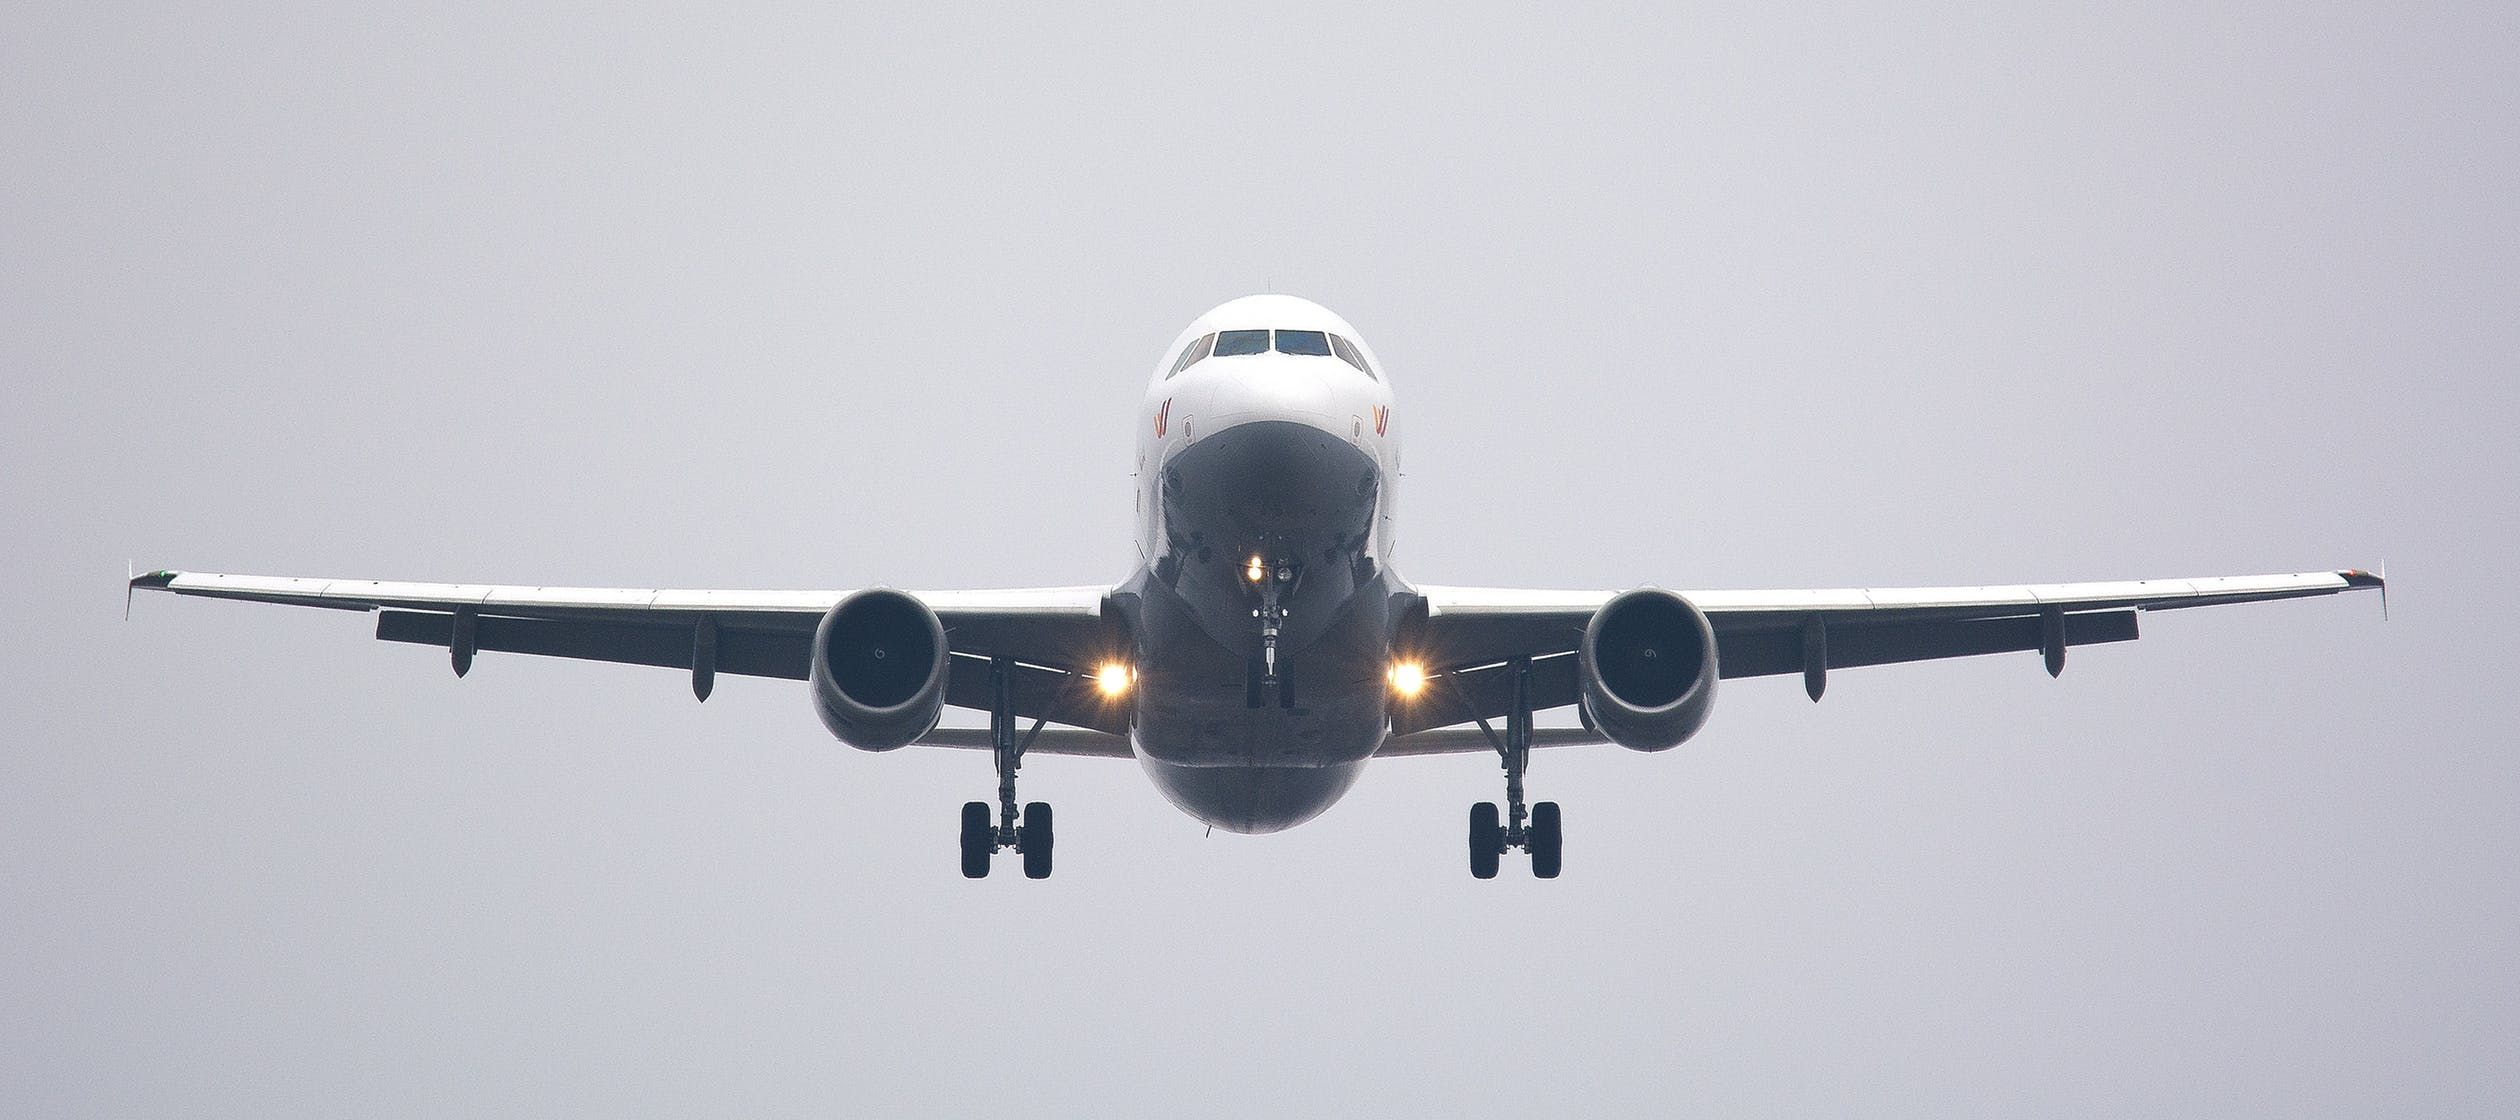 Plataforma de fretamento de aeronaves recebe mais de 20 mil pedidos de cotação